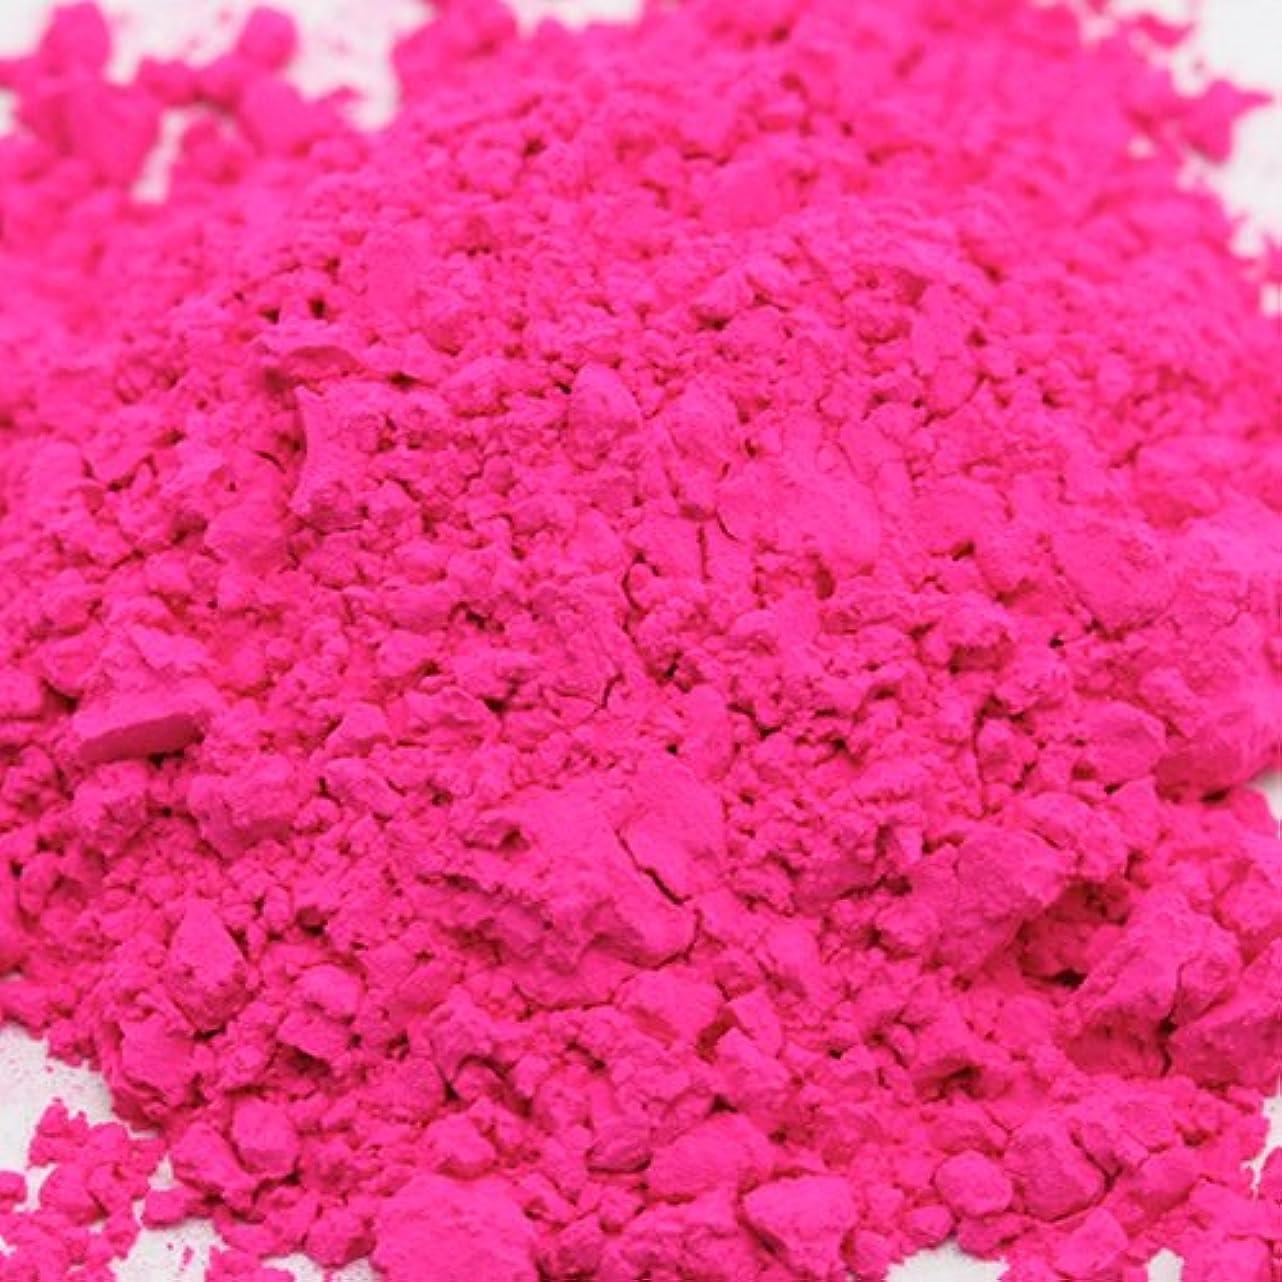 水素緩やかなブローキャンディカラー ピンク 20g 【手作り石鹸/手作りコスメ/色付け/カラーラント】